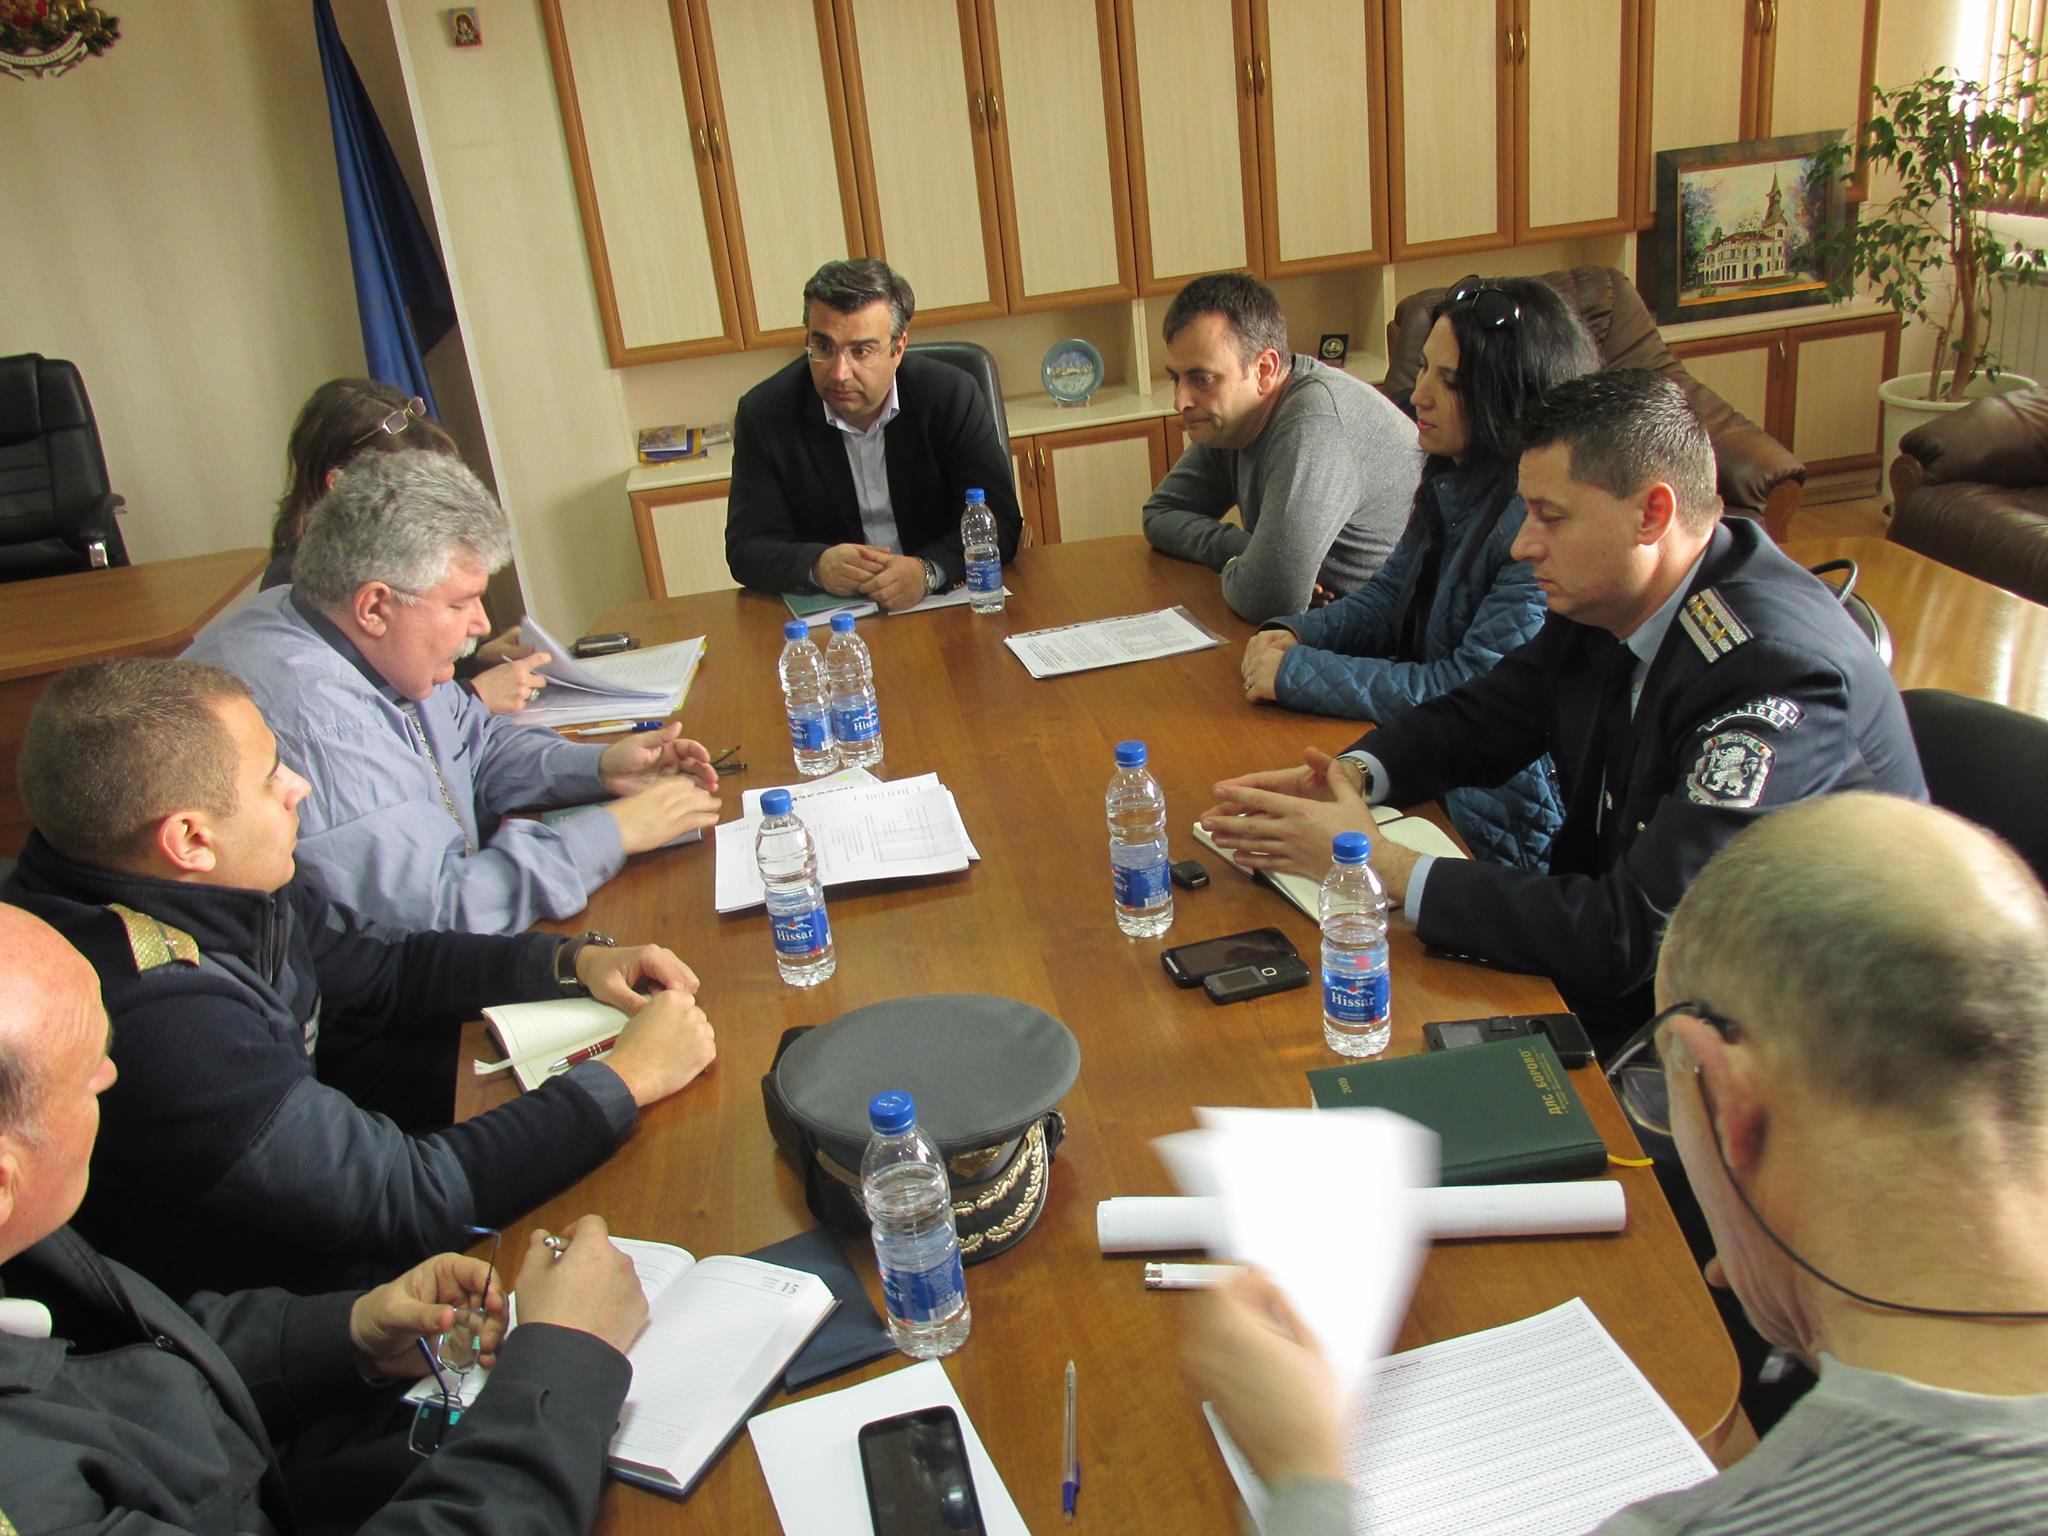 Областният управител Златко Митрев обсъди хода на организационно-техническата подготовка за предстоящите избори с представители на РИК, ОДМВР и РДПБЗН